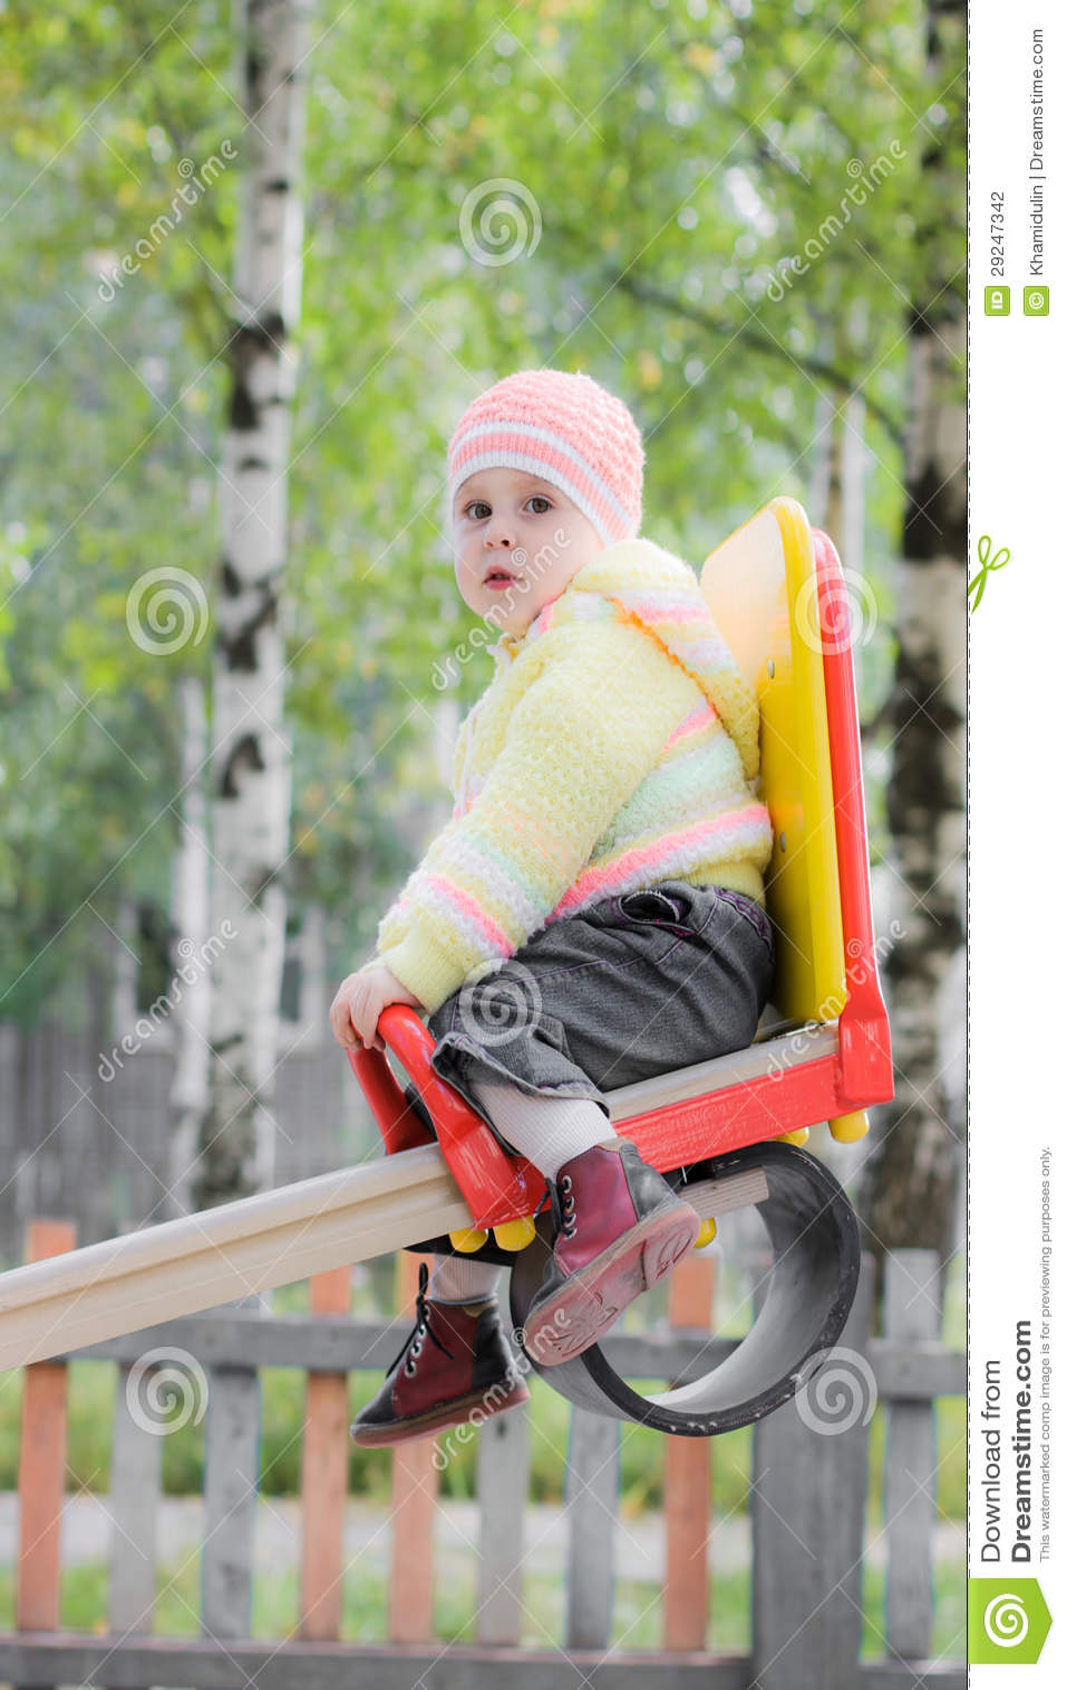 Download Criança de riso no balanço foto de stock. Imagem de liberdade - 29247342